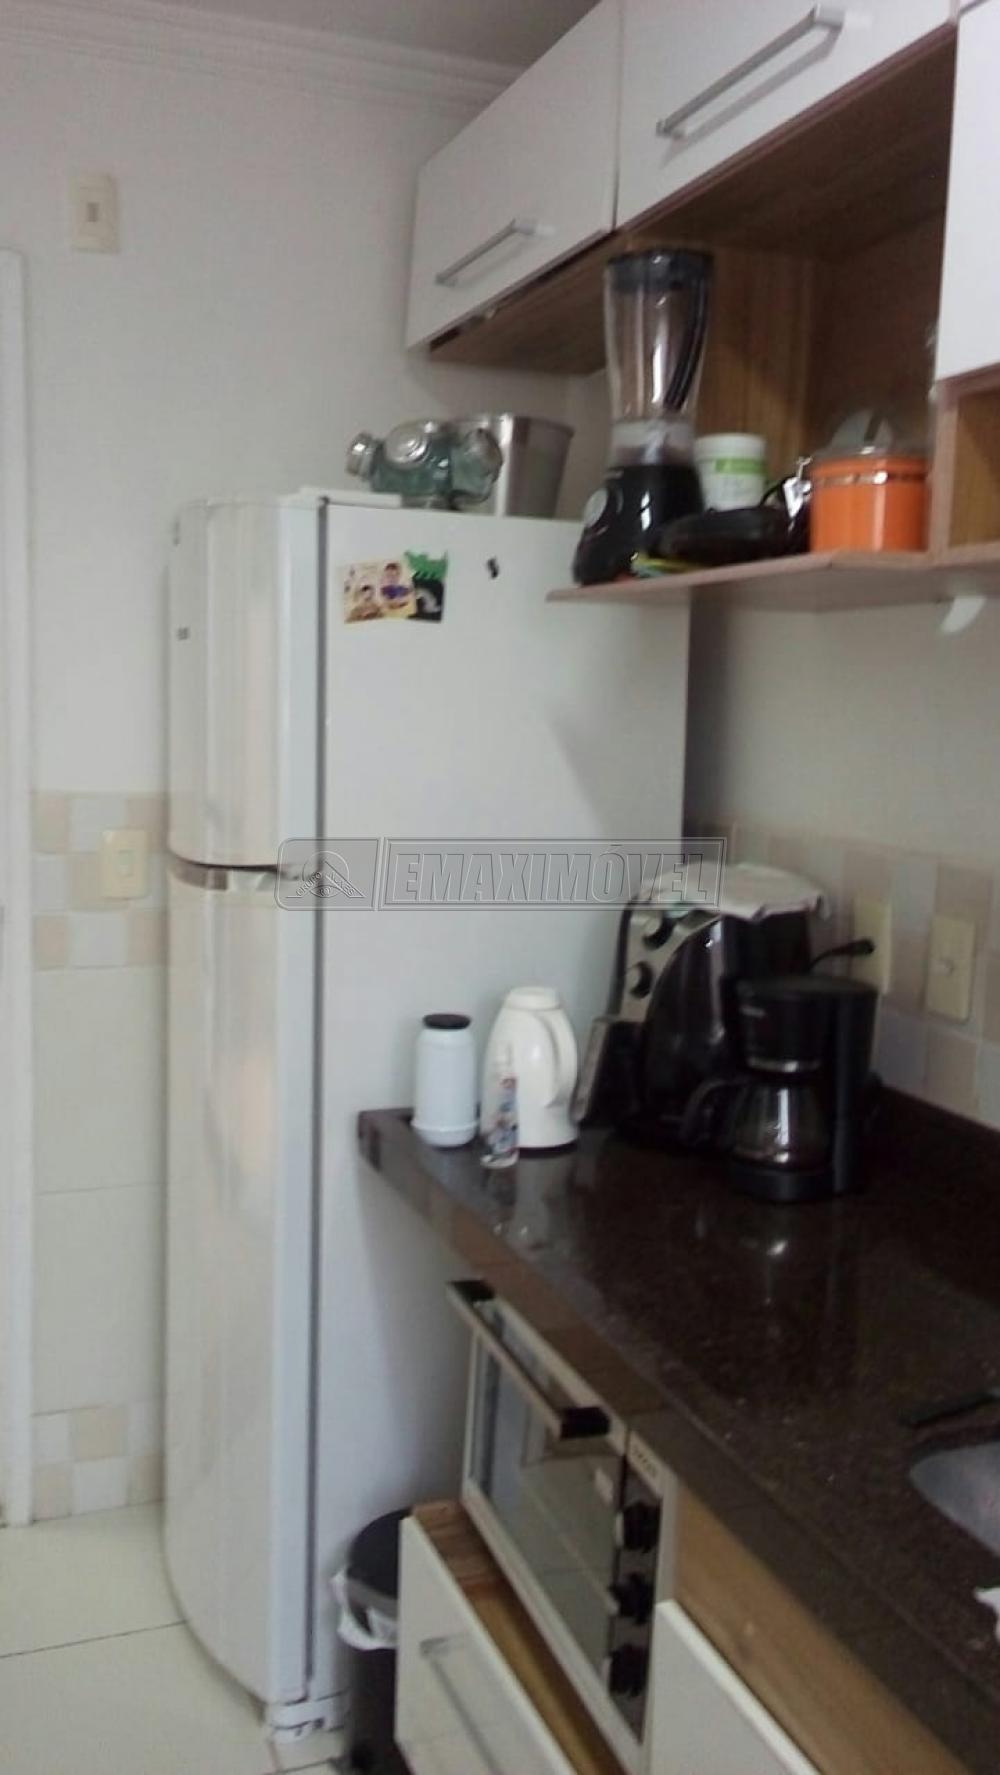 Comprar Apartamentos / Apto Padrão em Sorocaba apenas R$ 395.000,00 - Foto 13